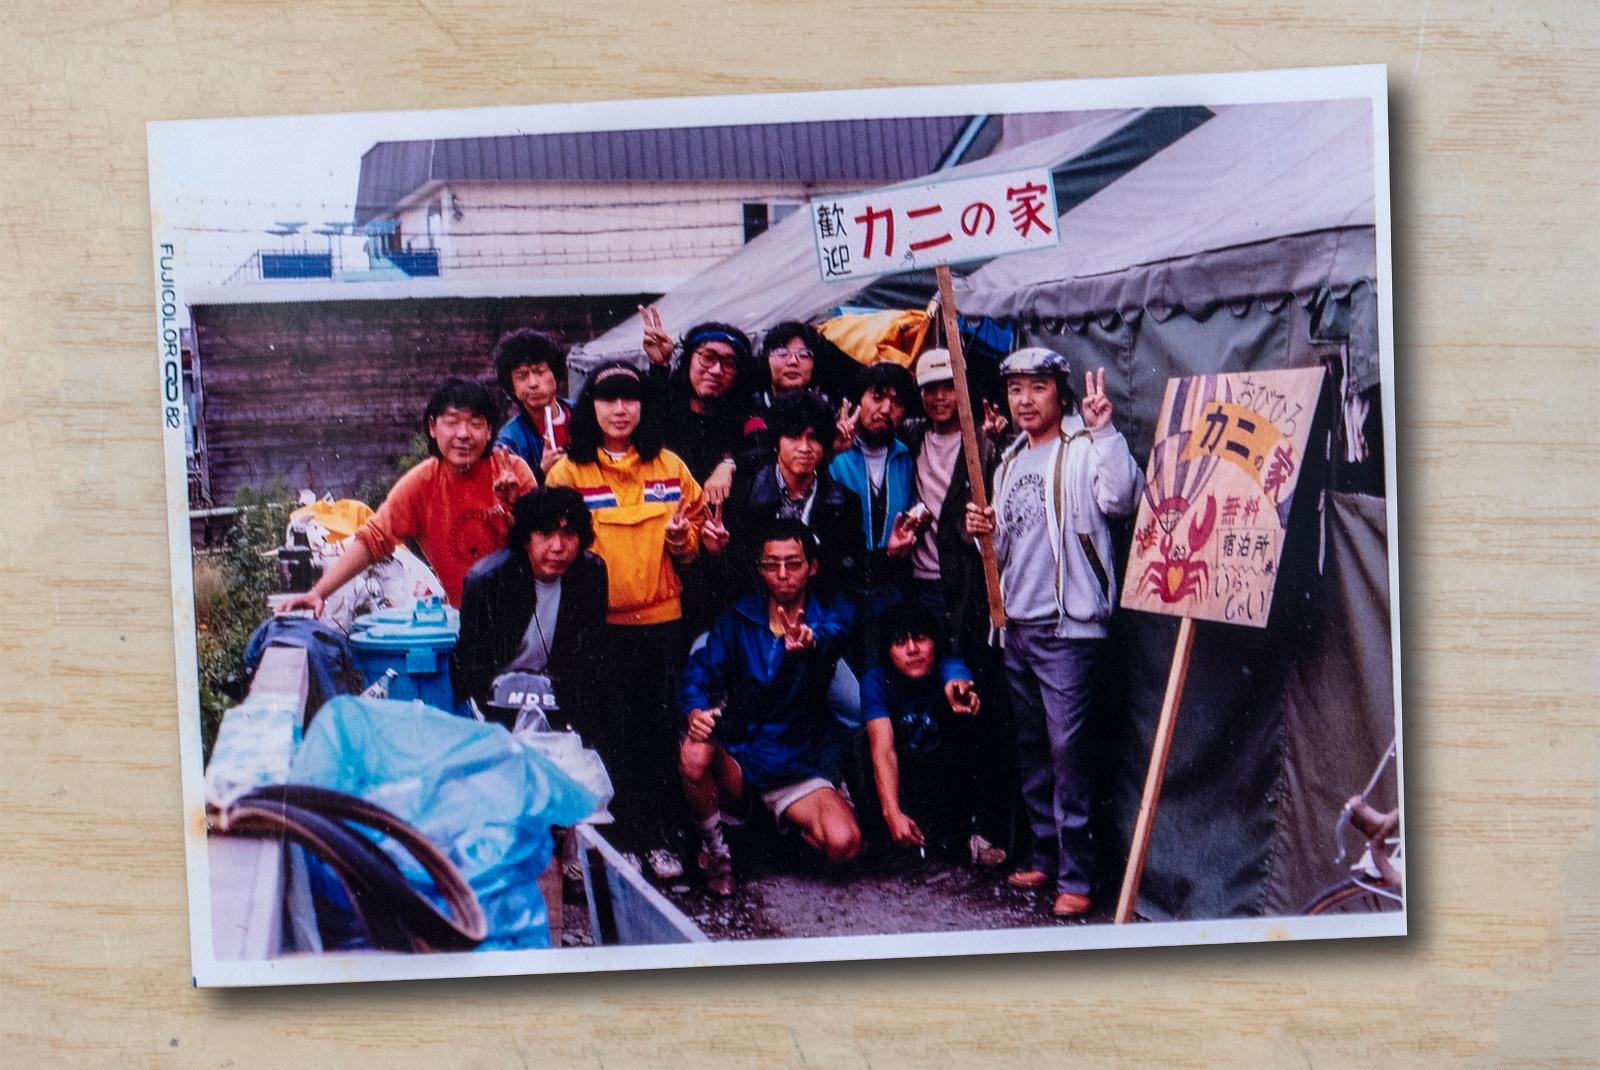 カニ族とは?カニの家とは?昭和の旅人を支えた帯広市民の人情物語